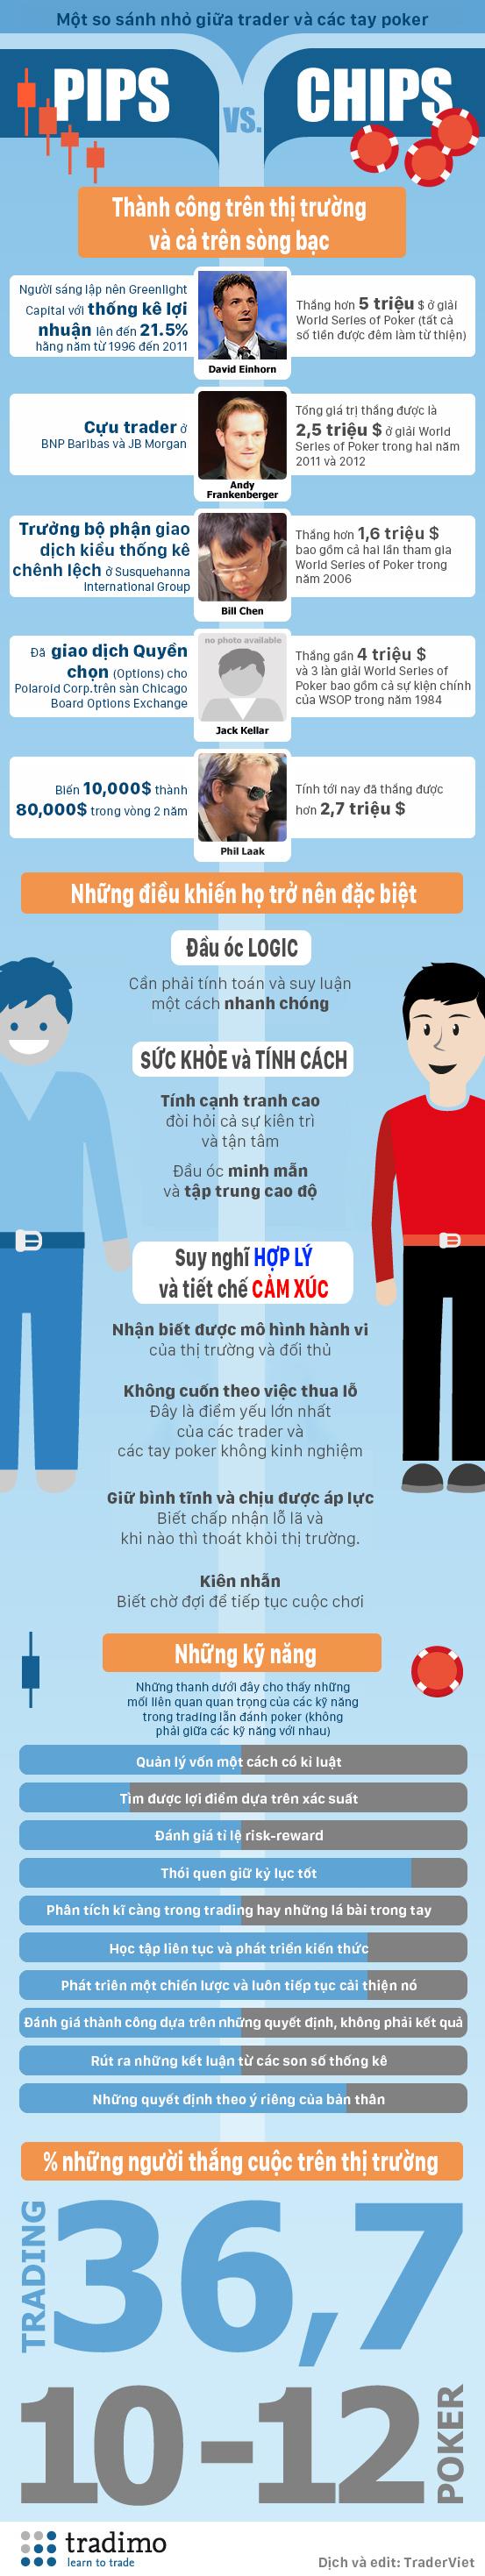 Poker vs trading infographic.